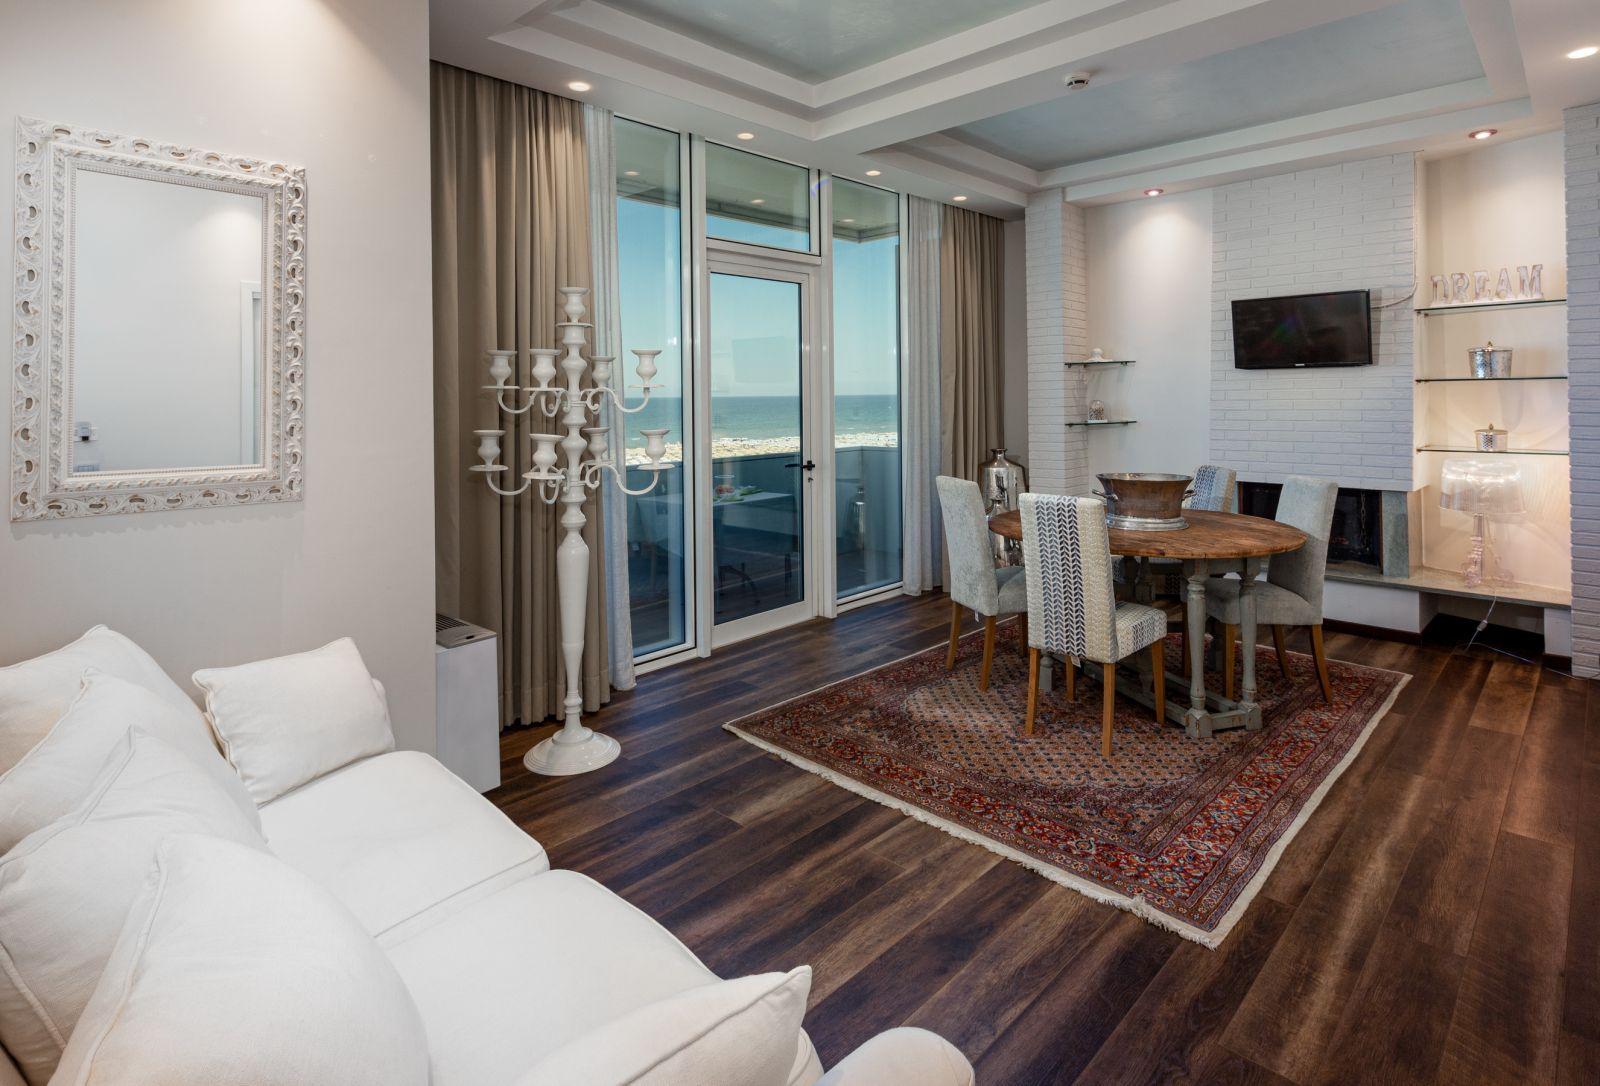 Attico Panoramico - Maison B Hotel by Hotel Patrizia & Residenza